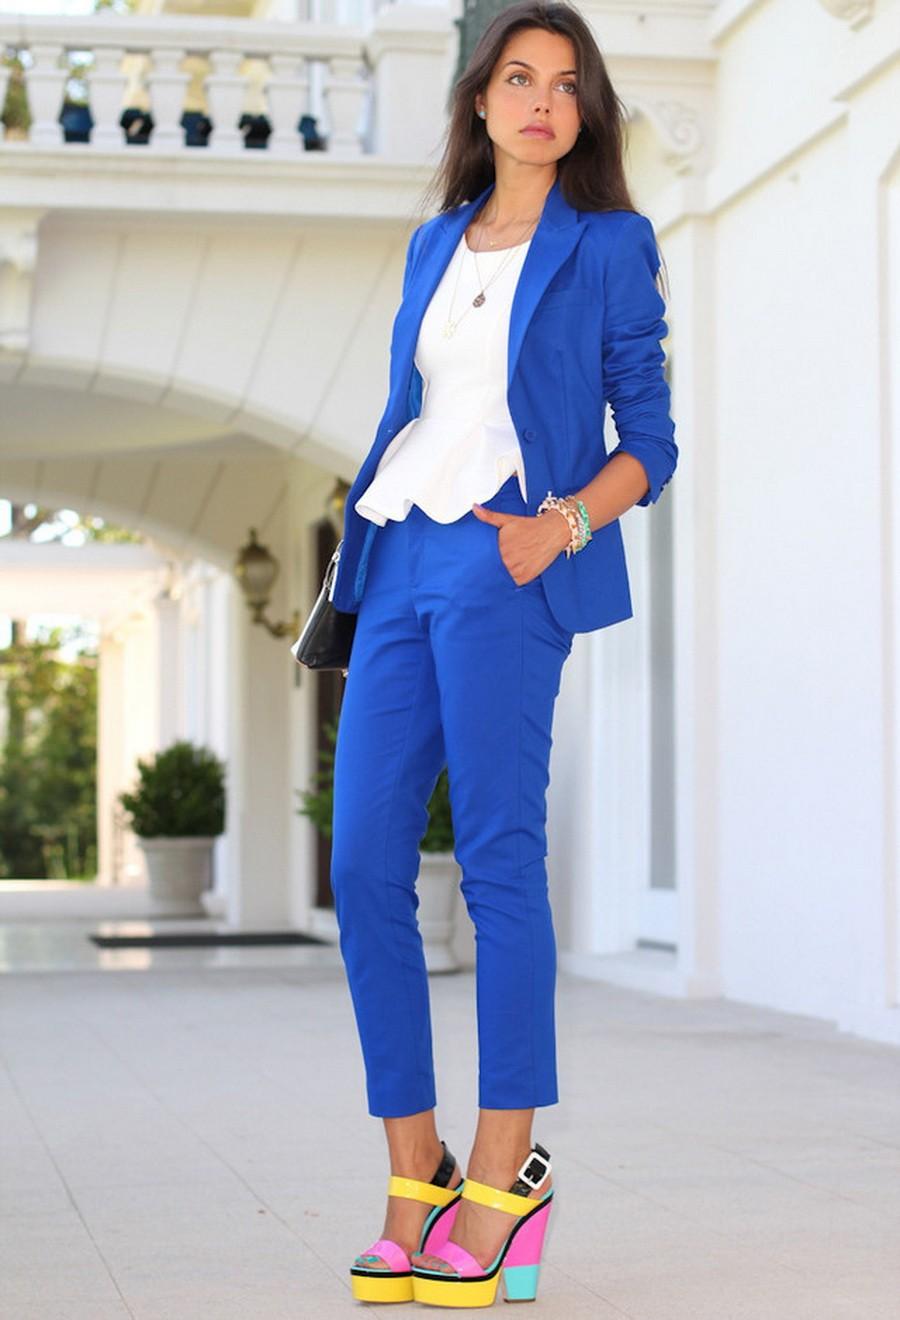 С чем носят ярко синие брюки: классические под блузку белую и пиджак в тон